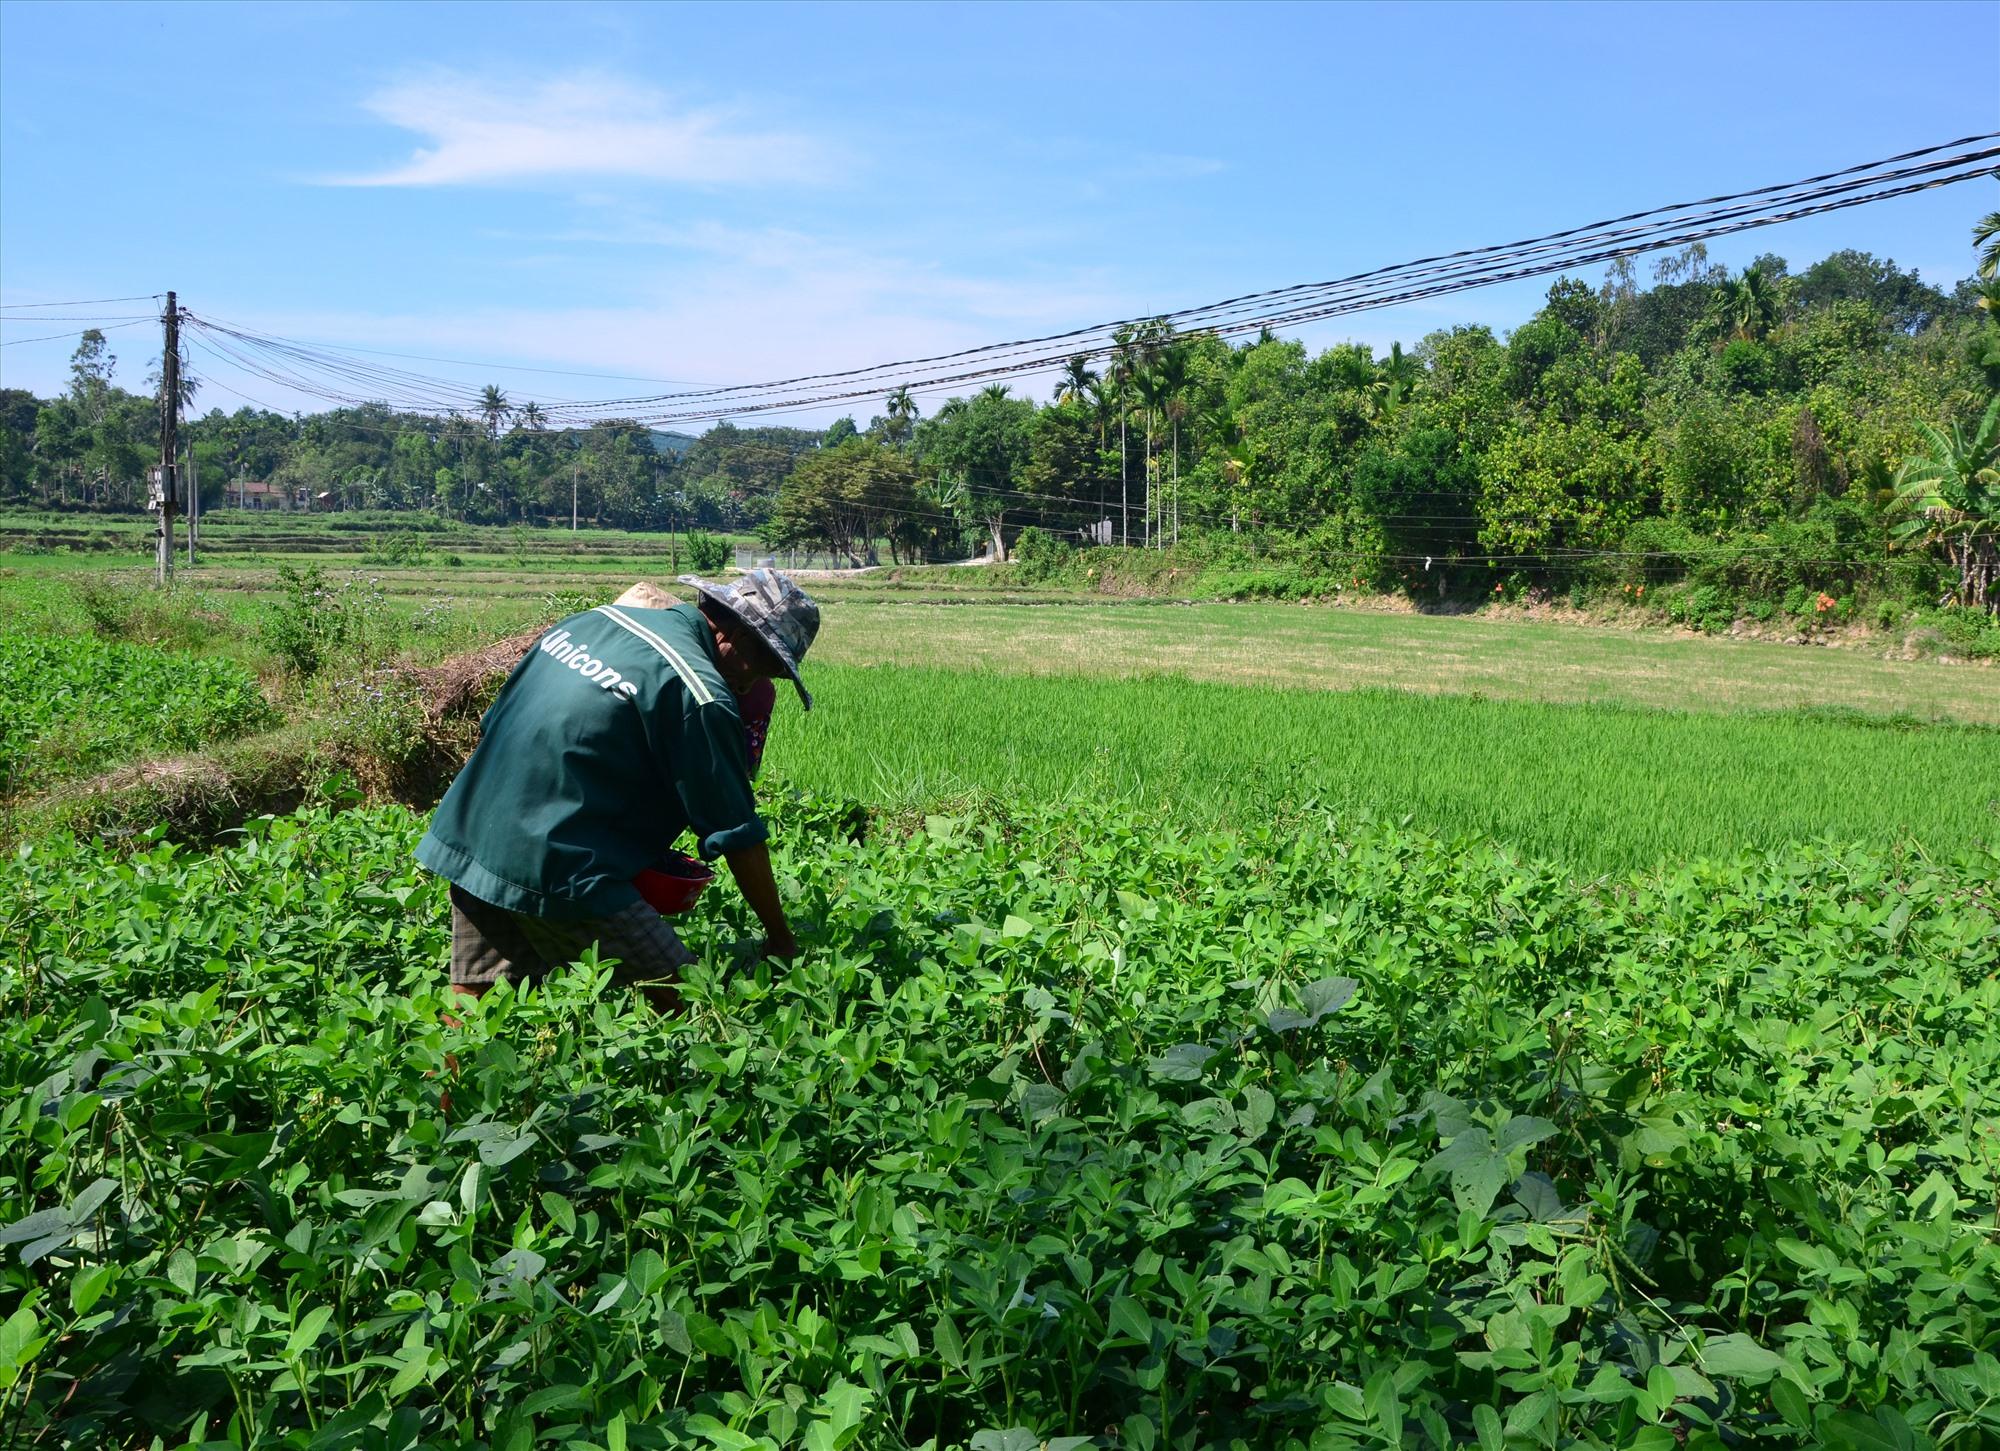 Việc chuyển đổi cây trồng trên đất ruộng một vụ là giải pháp chống hạn hiệu quả được nhiều nông dân ở Tiên Phước lựa chọn. Ảnh: P.H